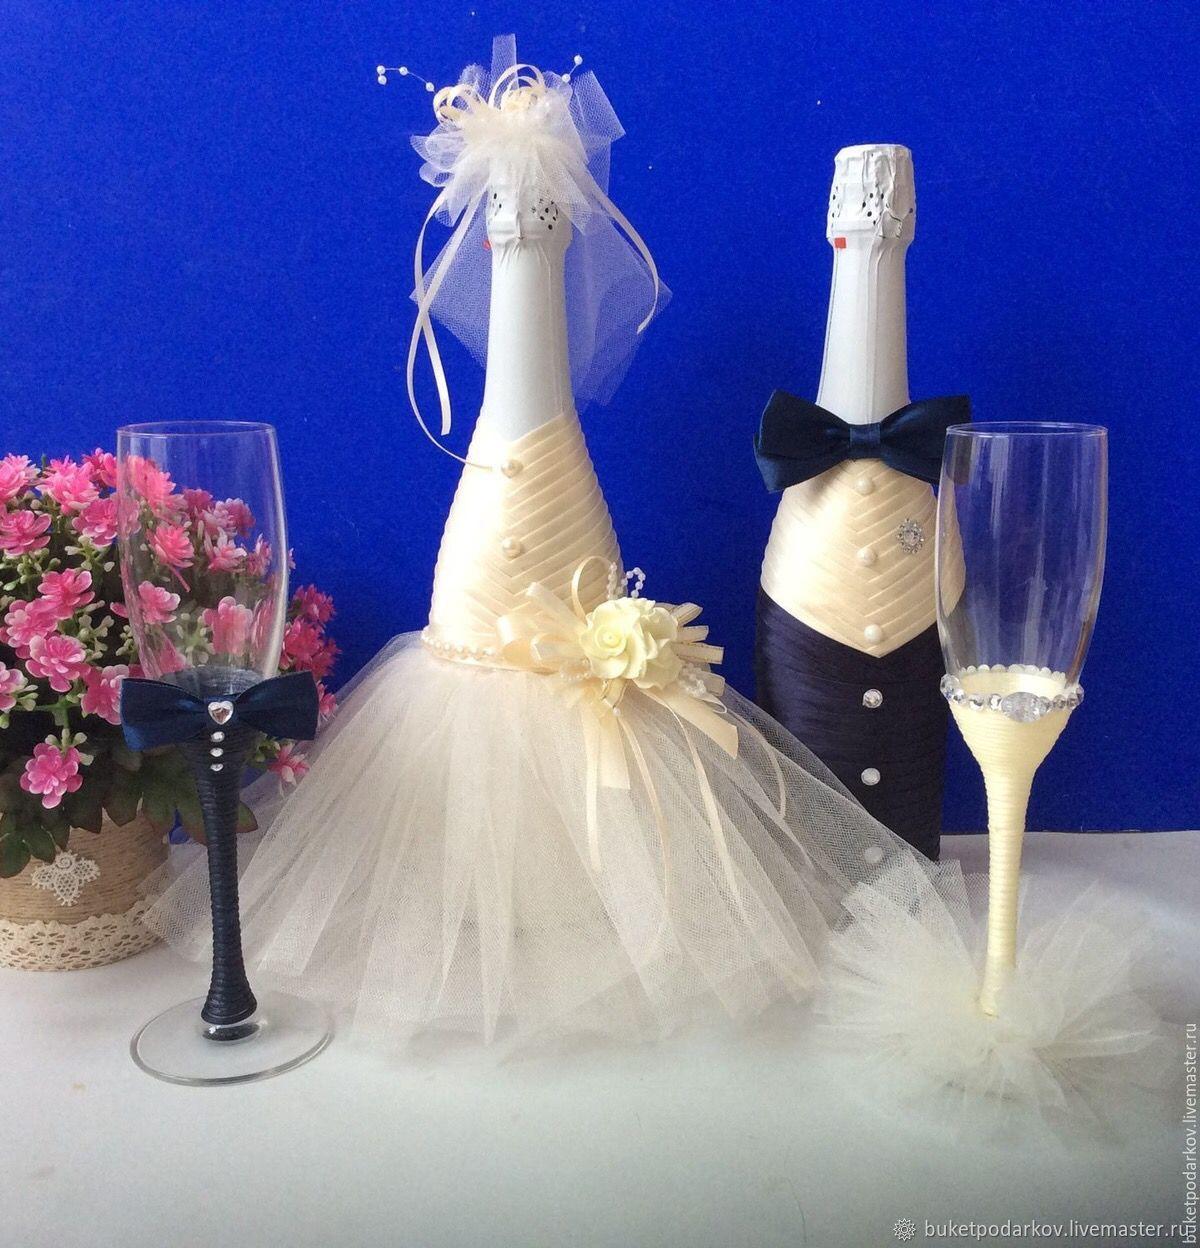 Идеи по украшению свадебных бутылок и популярные варианты декора